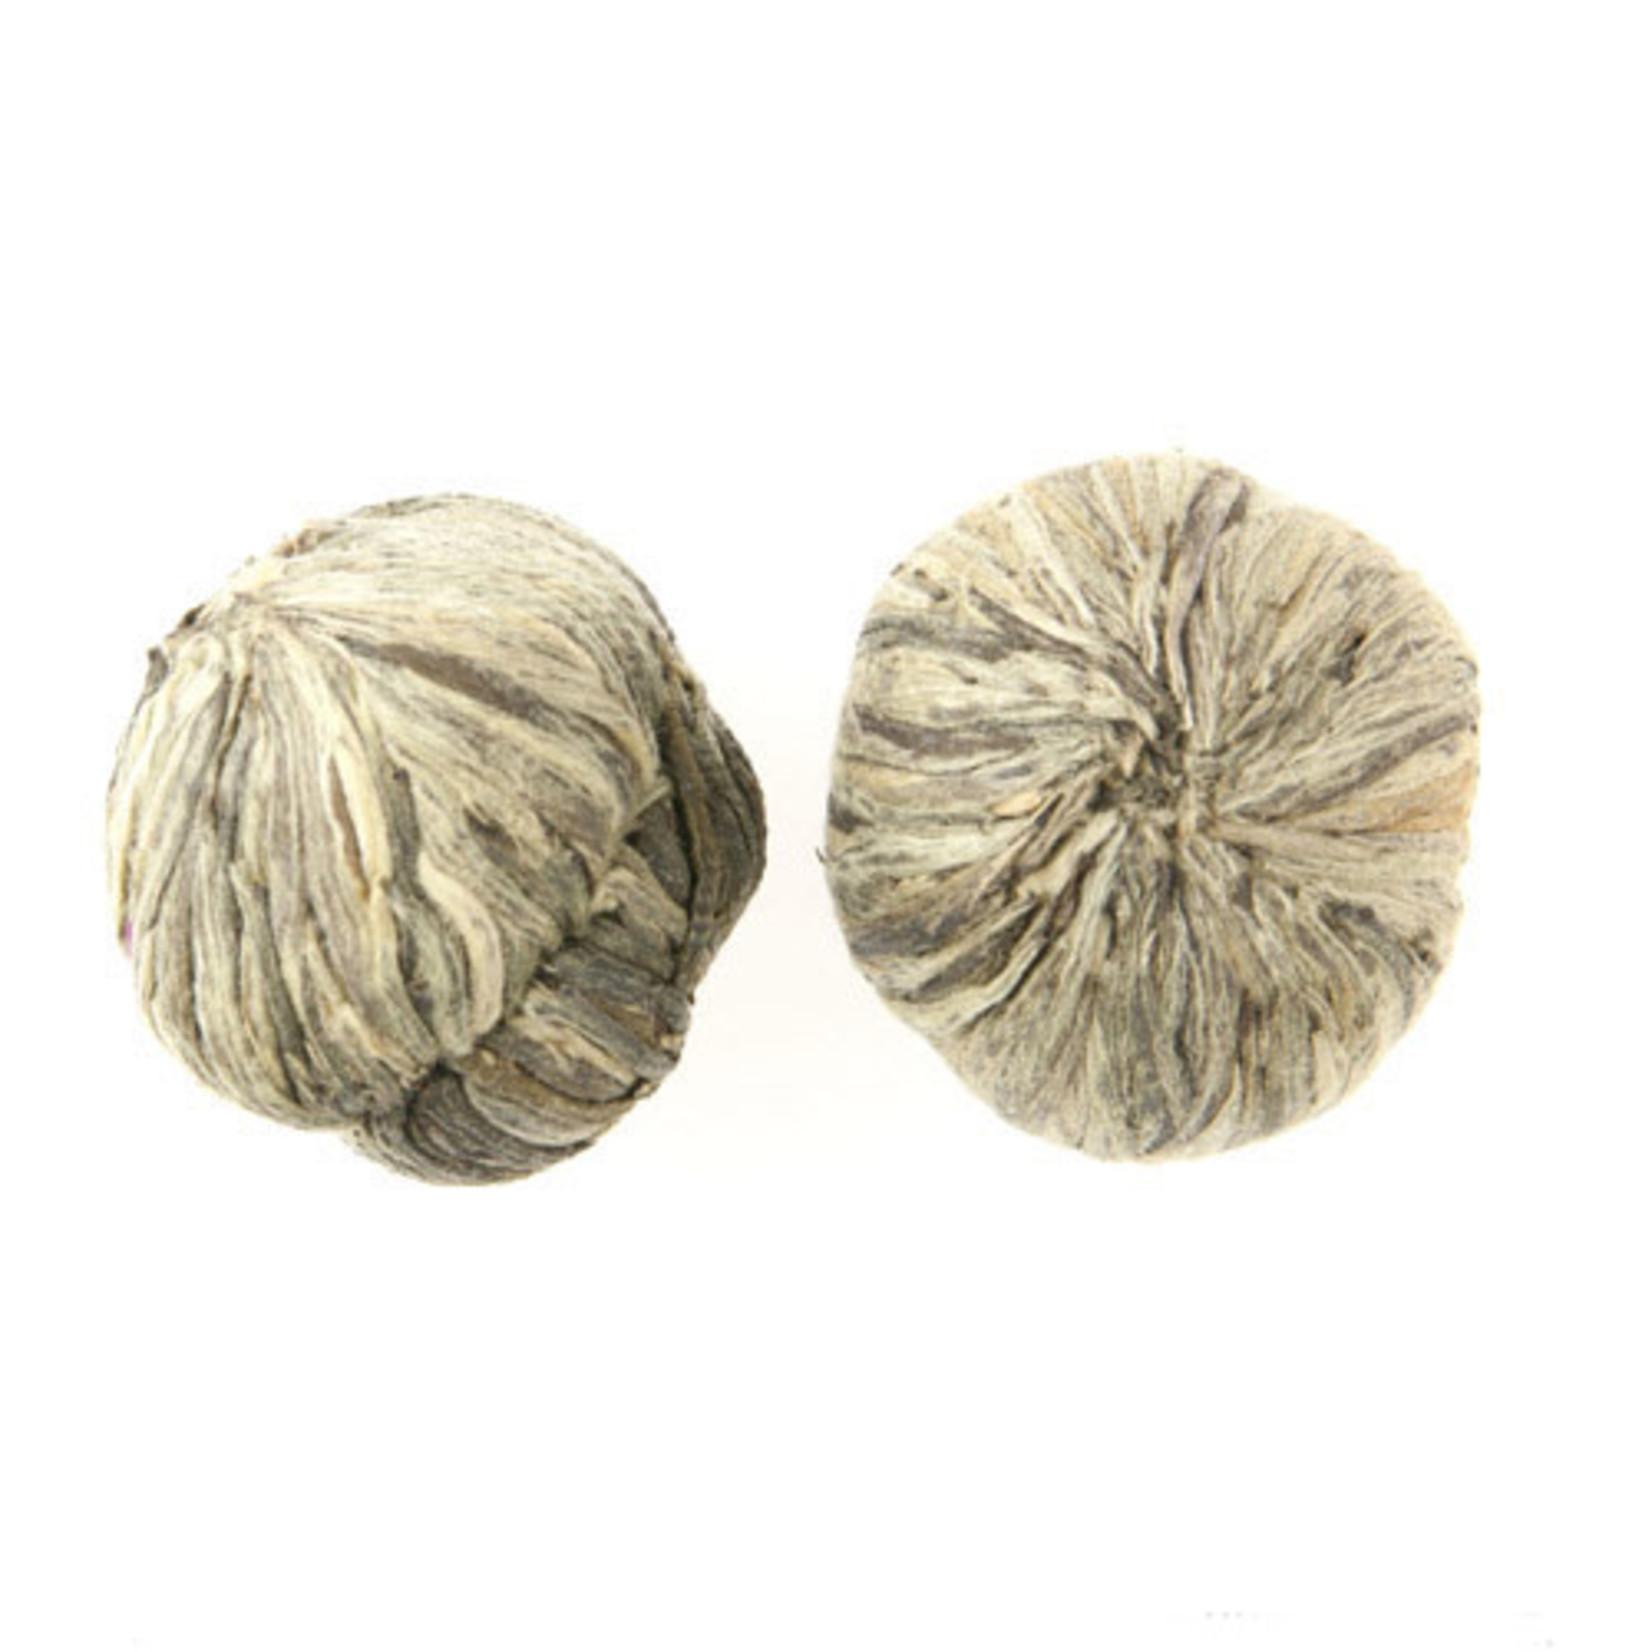 BrewBakers Tea 3 Flower Burst 3 balls 25g